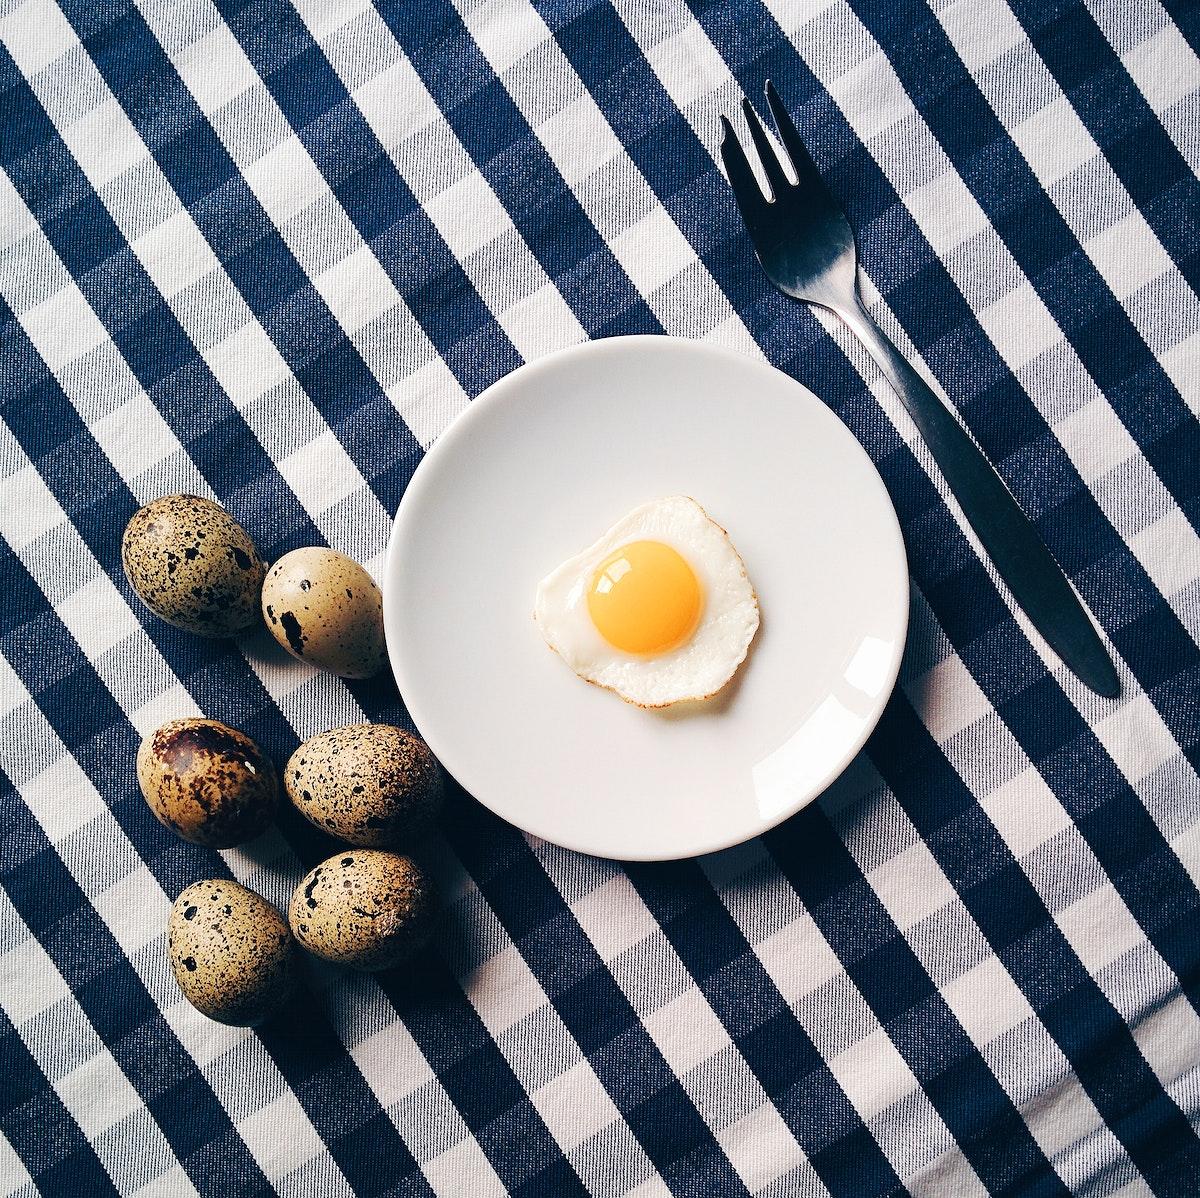 Fried quail eggs for breakfast